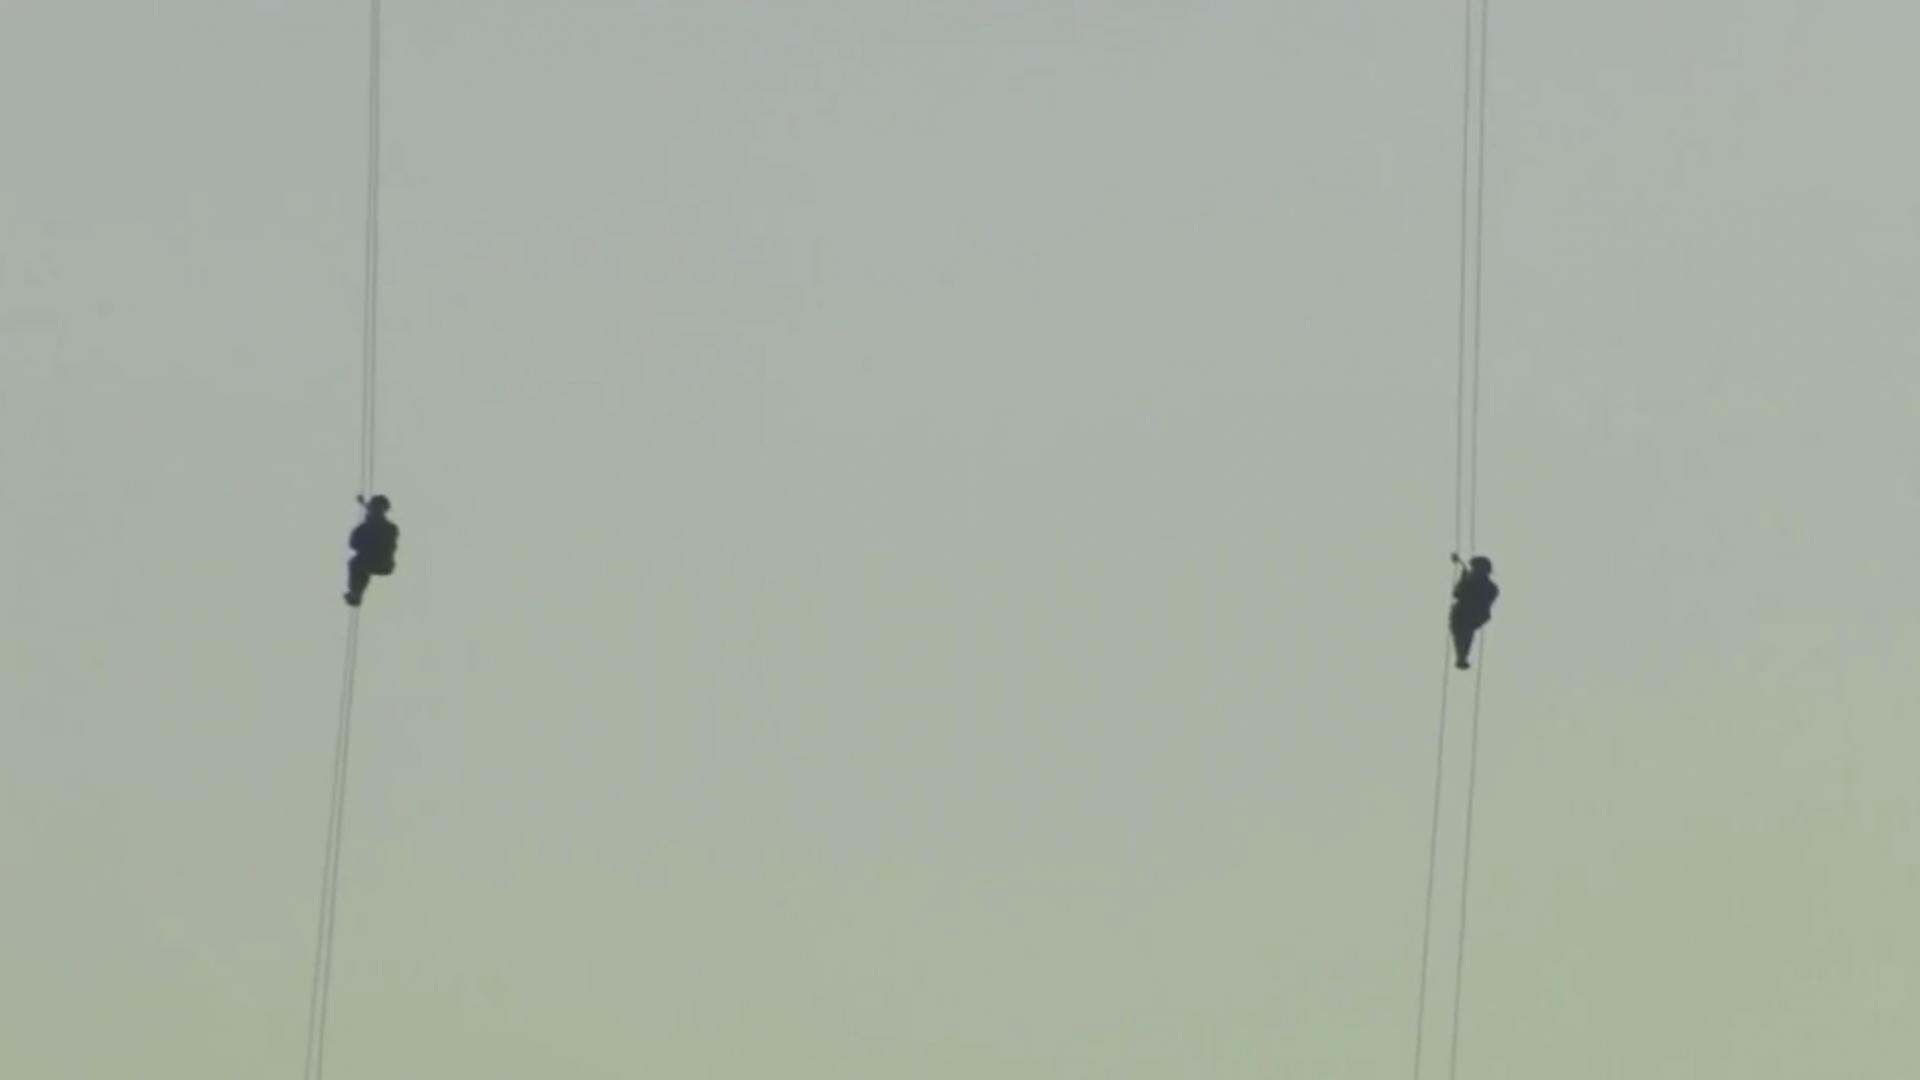 نساء يقفزن من فوق جسر في إسطنبول.. لماذا؟